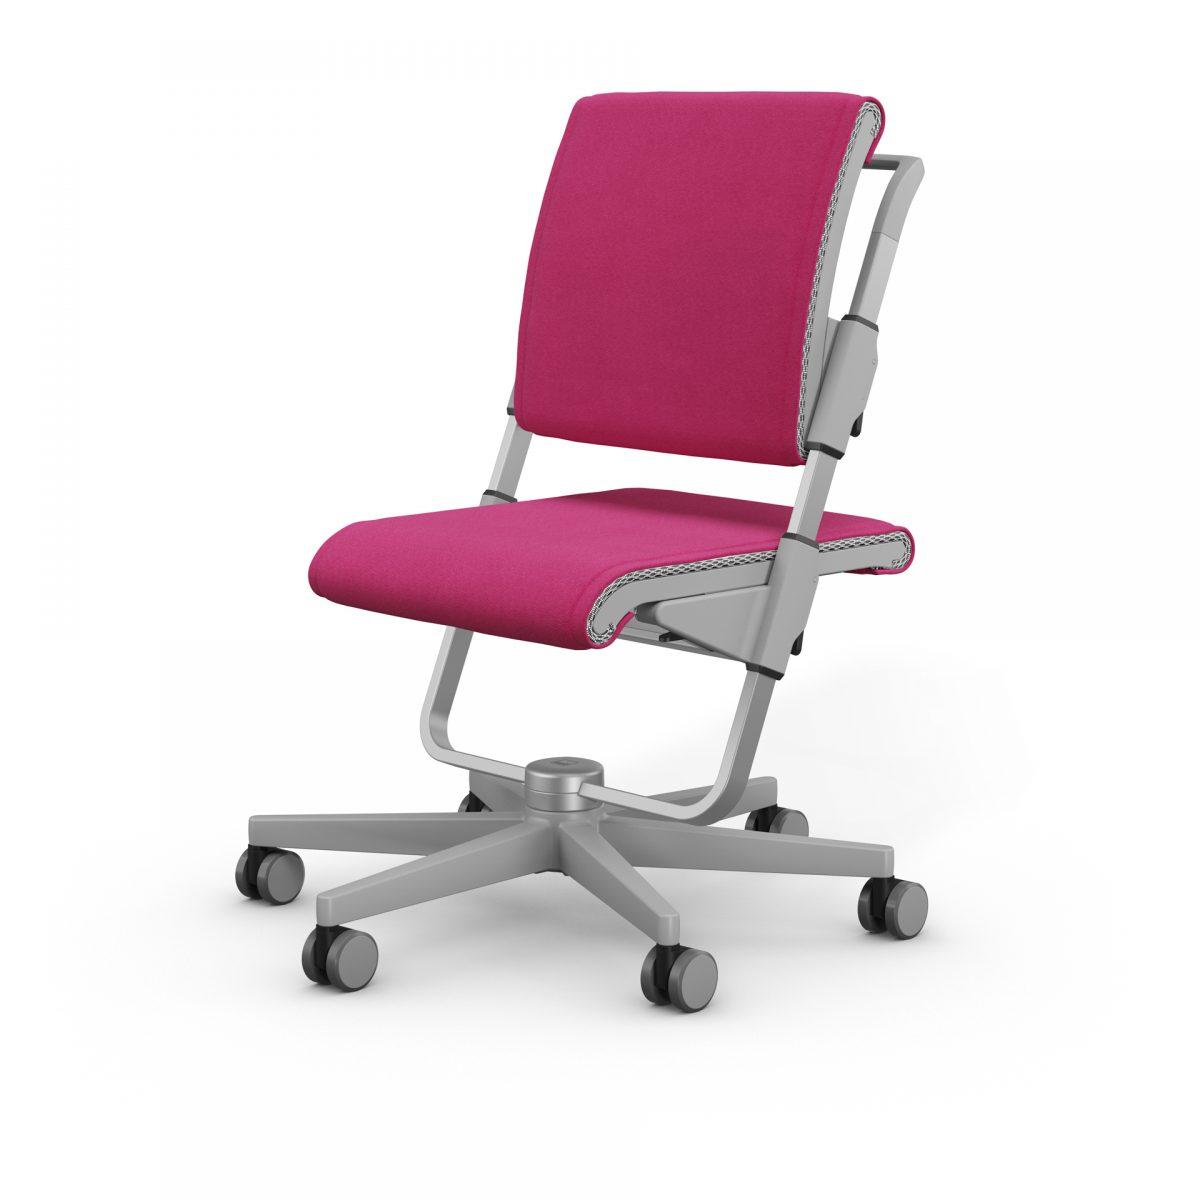 Detska rostouci zidle Moll Scooter pink - Delso - dětský, kancelářský a bytový nábytek